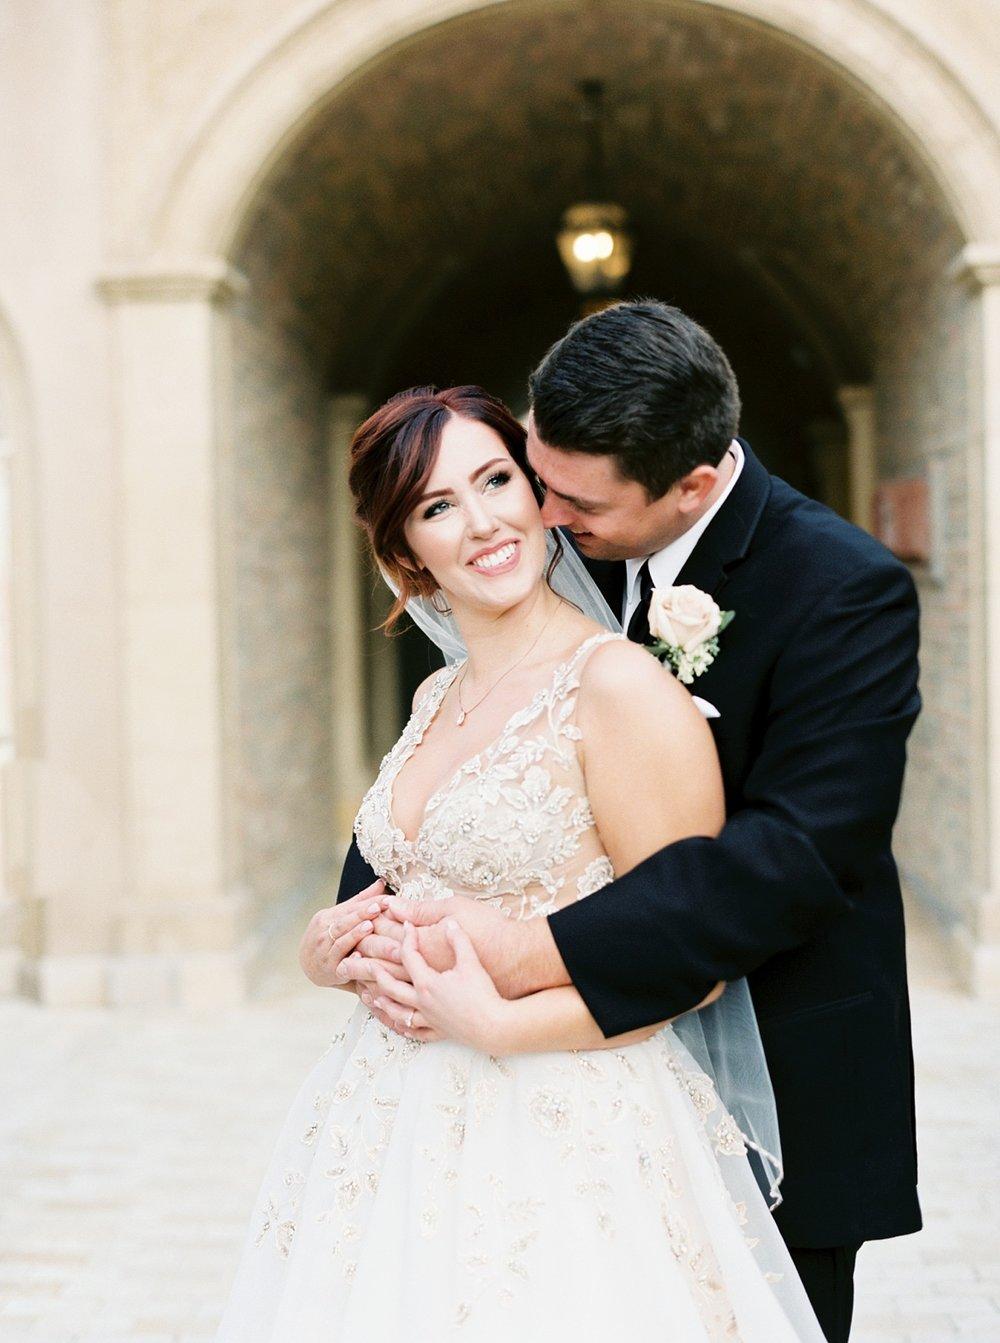 Paso Robles Wedding, Fresno Wedding photographers, California fine art wedding photographer, California Wedding Photographers, Paso Robles wedding photographer, allegreto vineyard resort